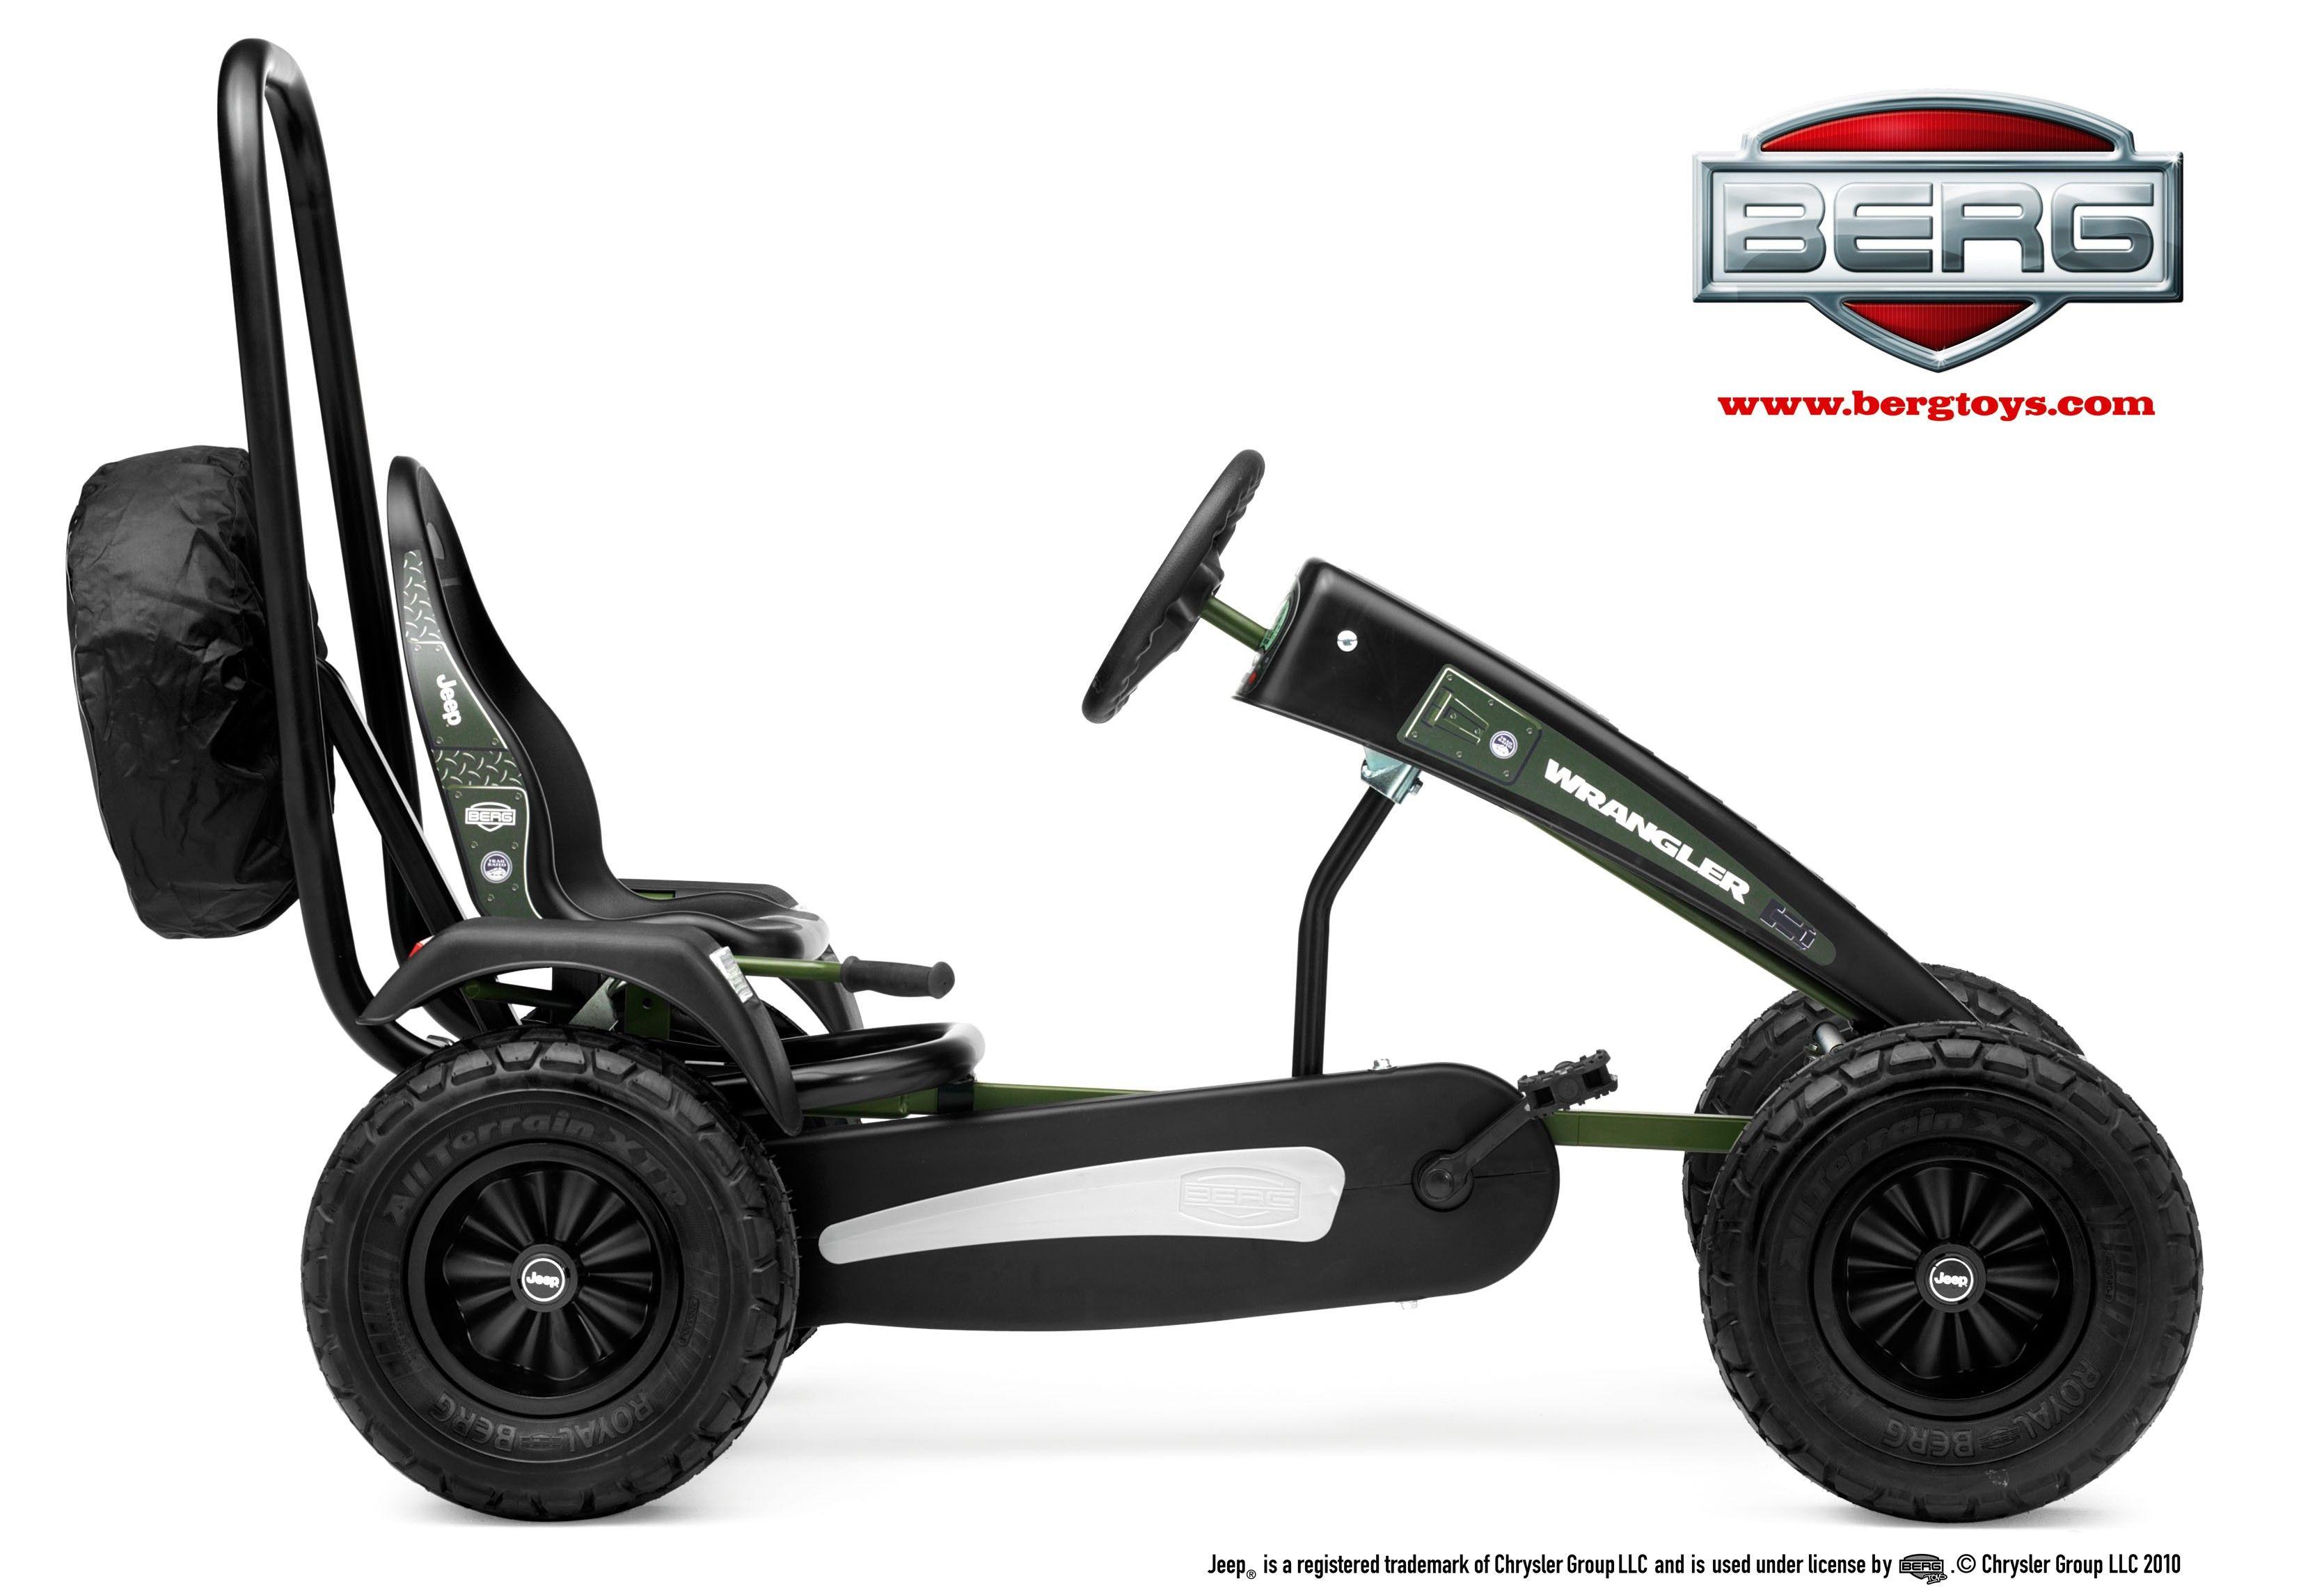 berg jeep pedal go kart my ride pinterest jeeps. Black Bedroom Furniture Sets. Home Design Ideas